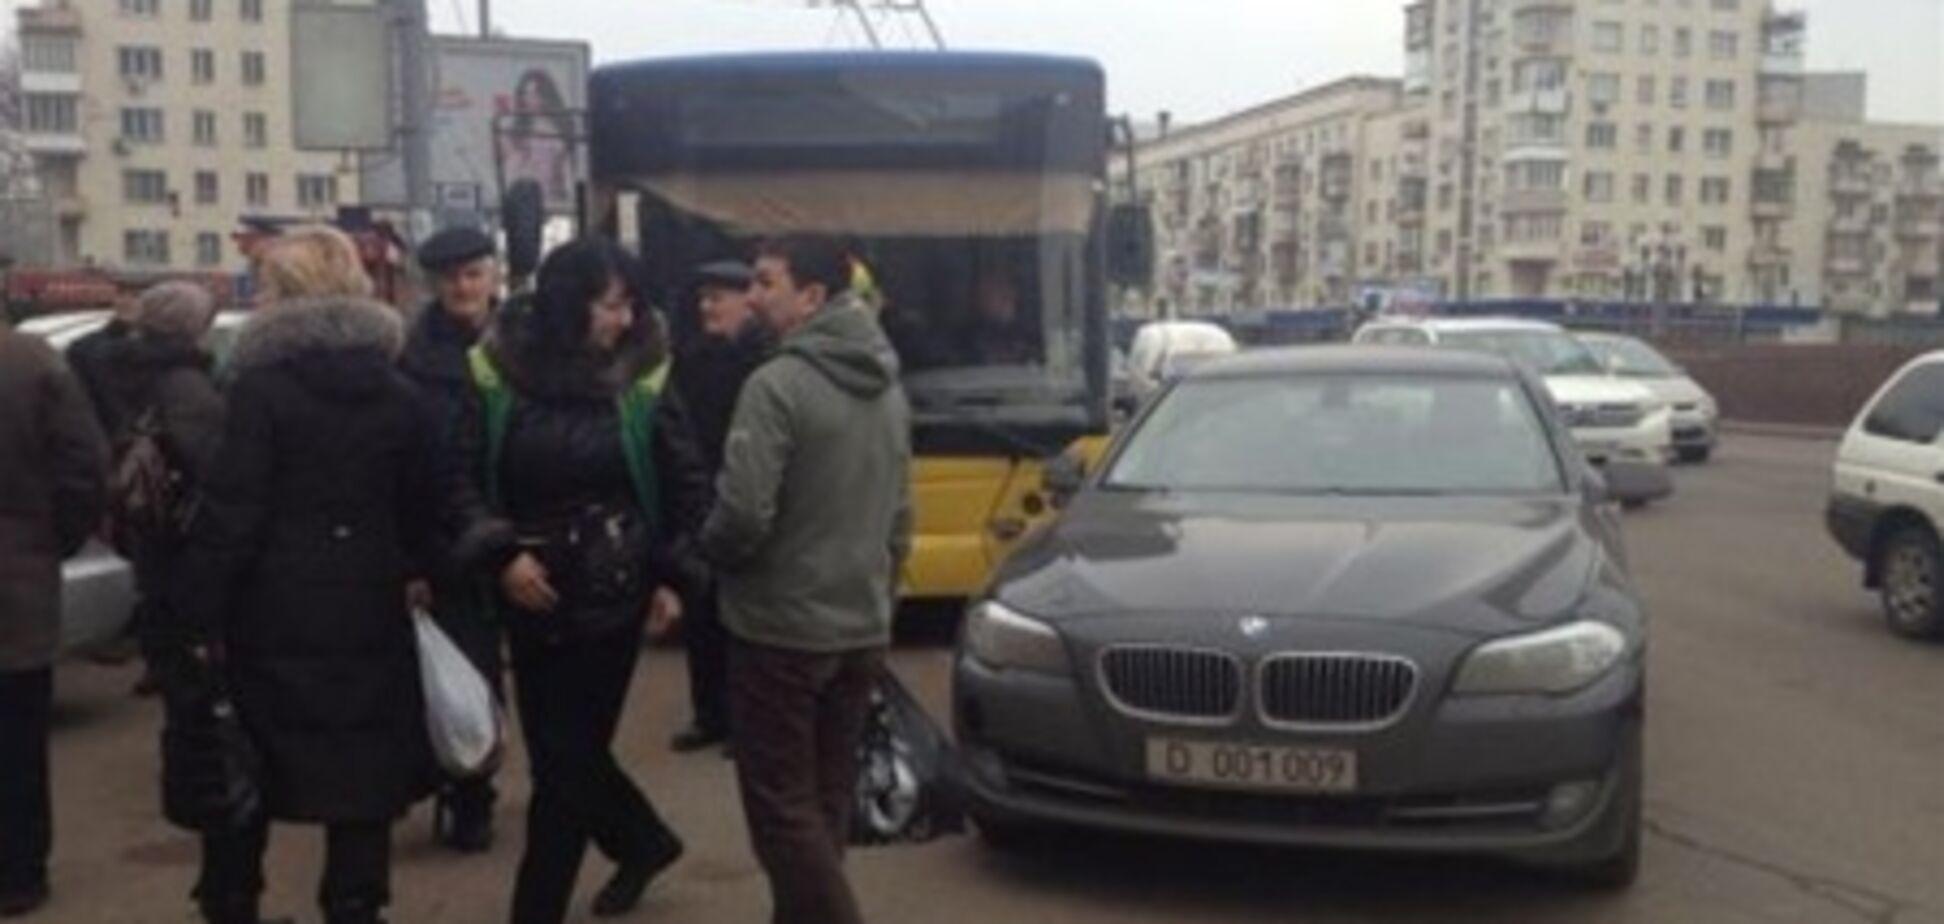 Российский дипломат заблокировал движение в центре Киева